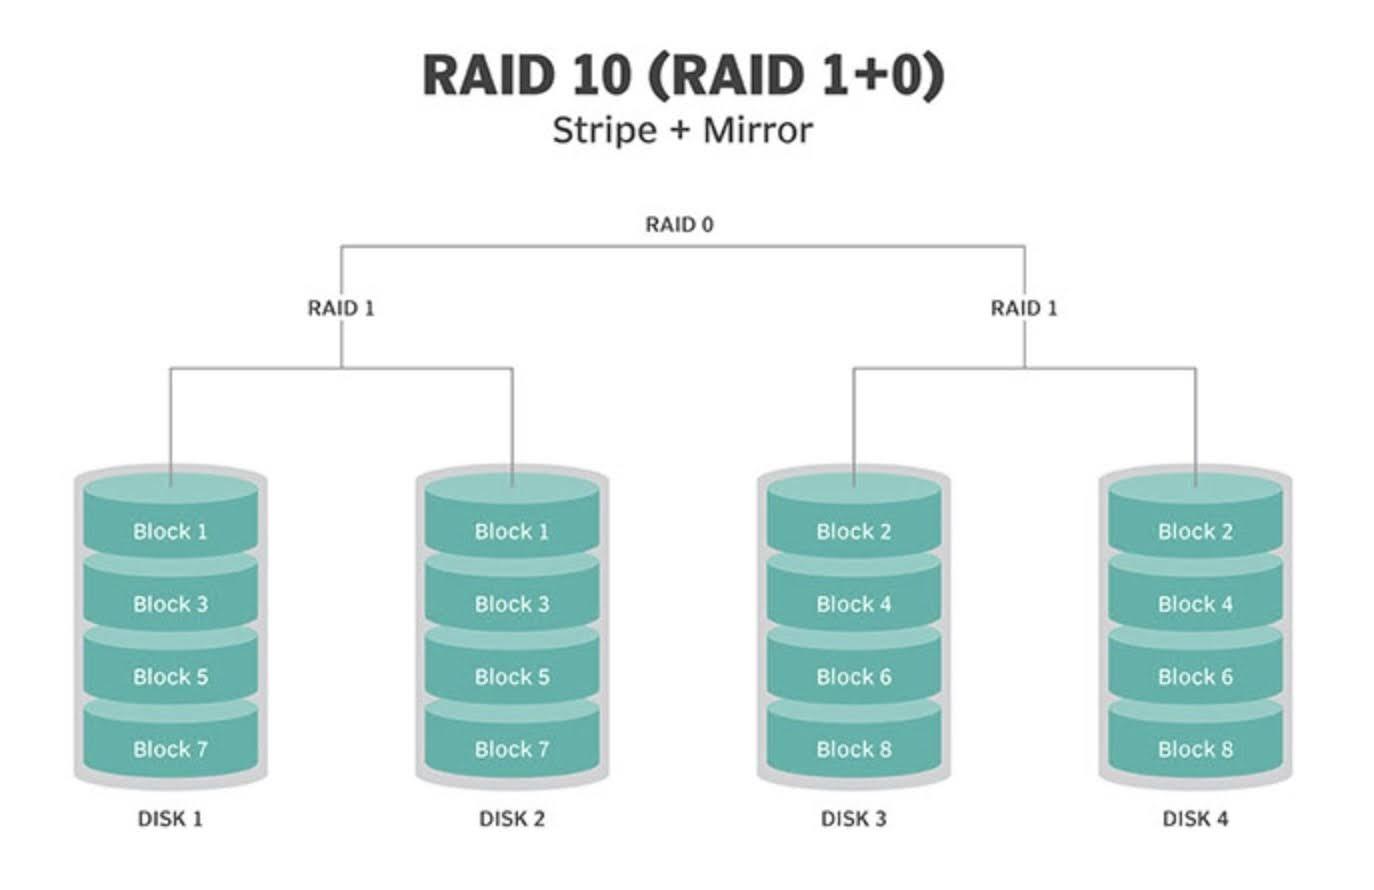 What is RAID 10 (RAID 1+0)?